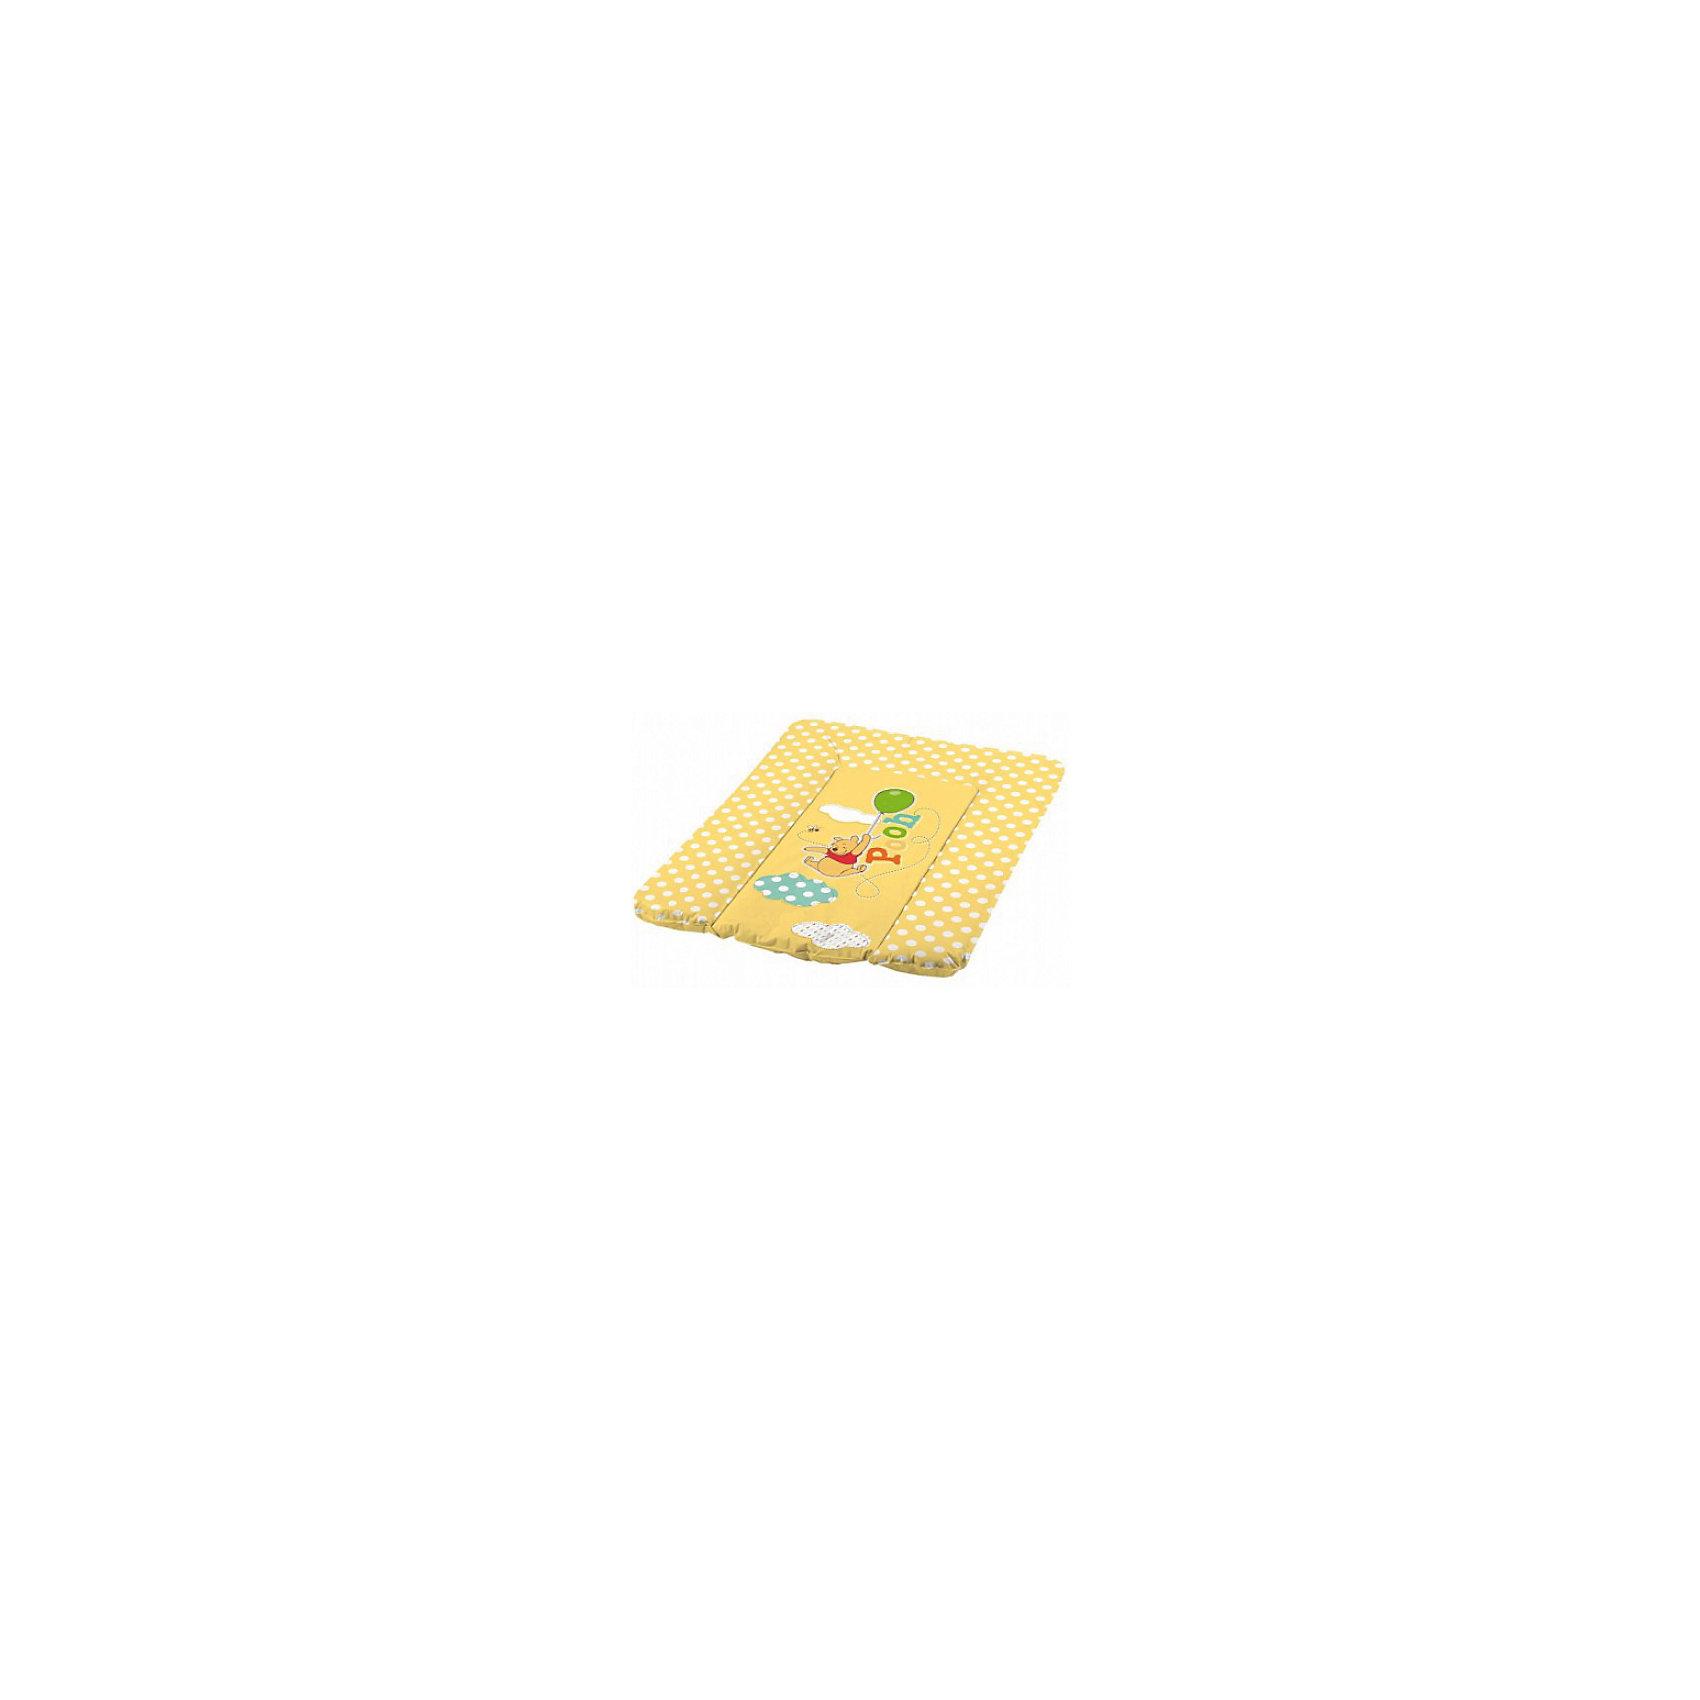 Матрас для пеленания Винни Пух, OKT, желтый